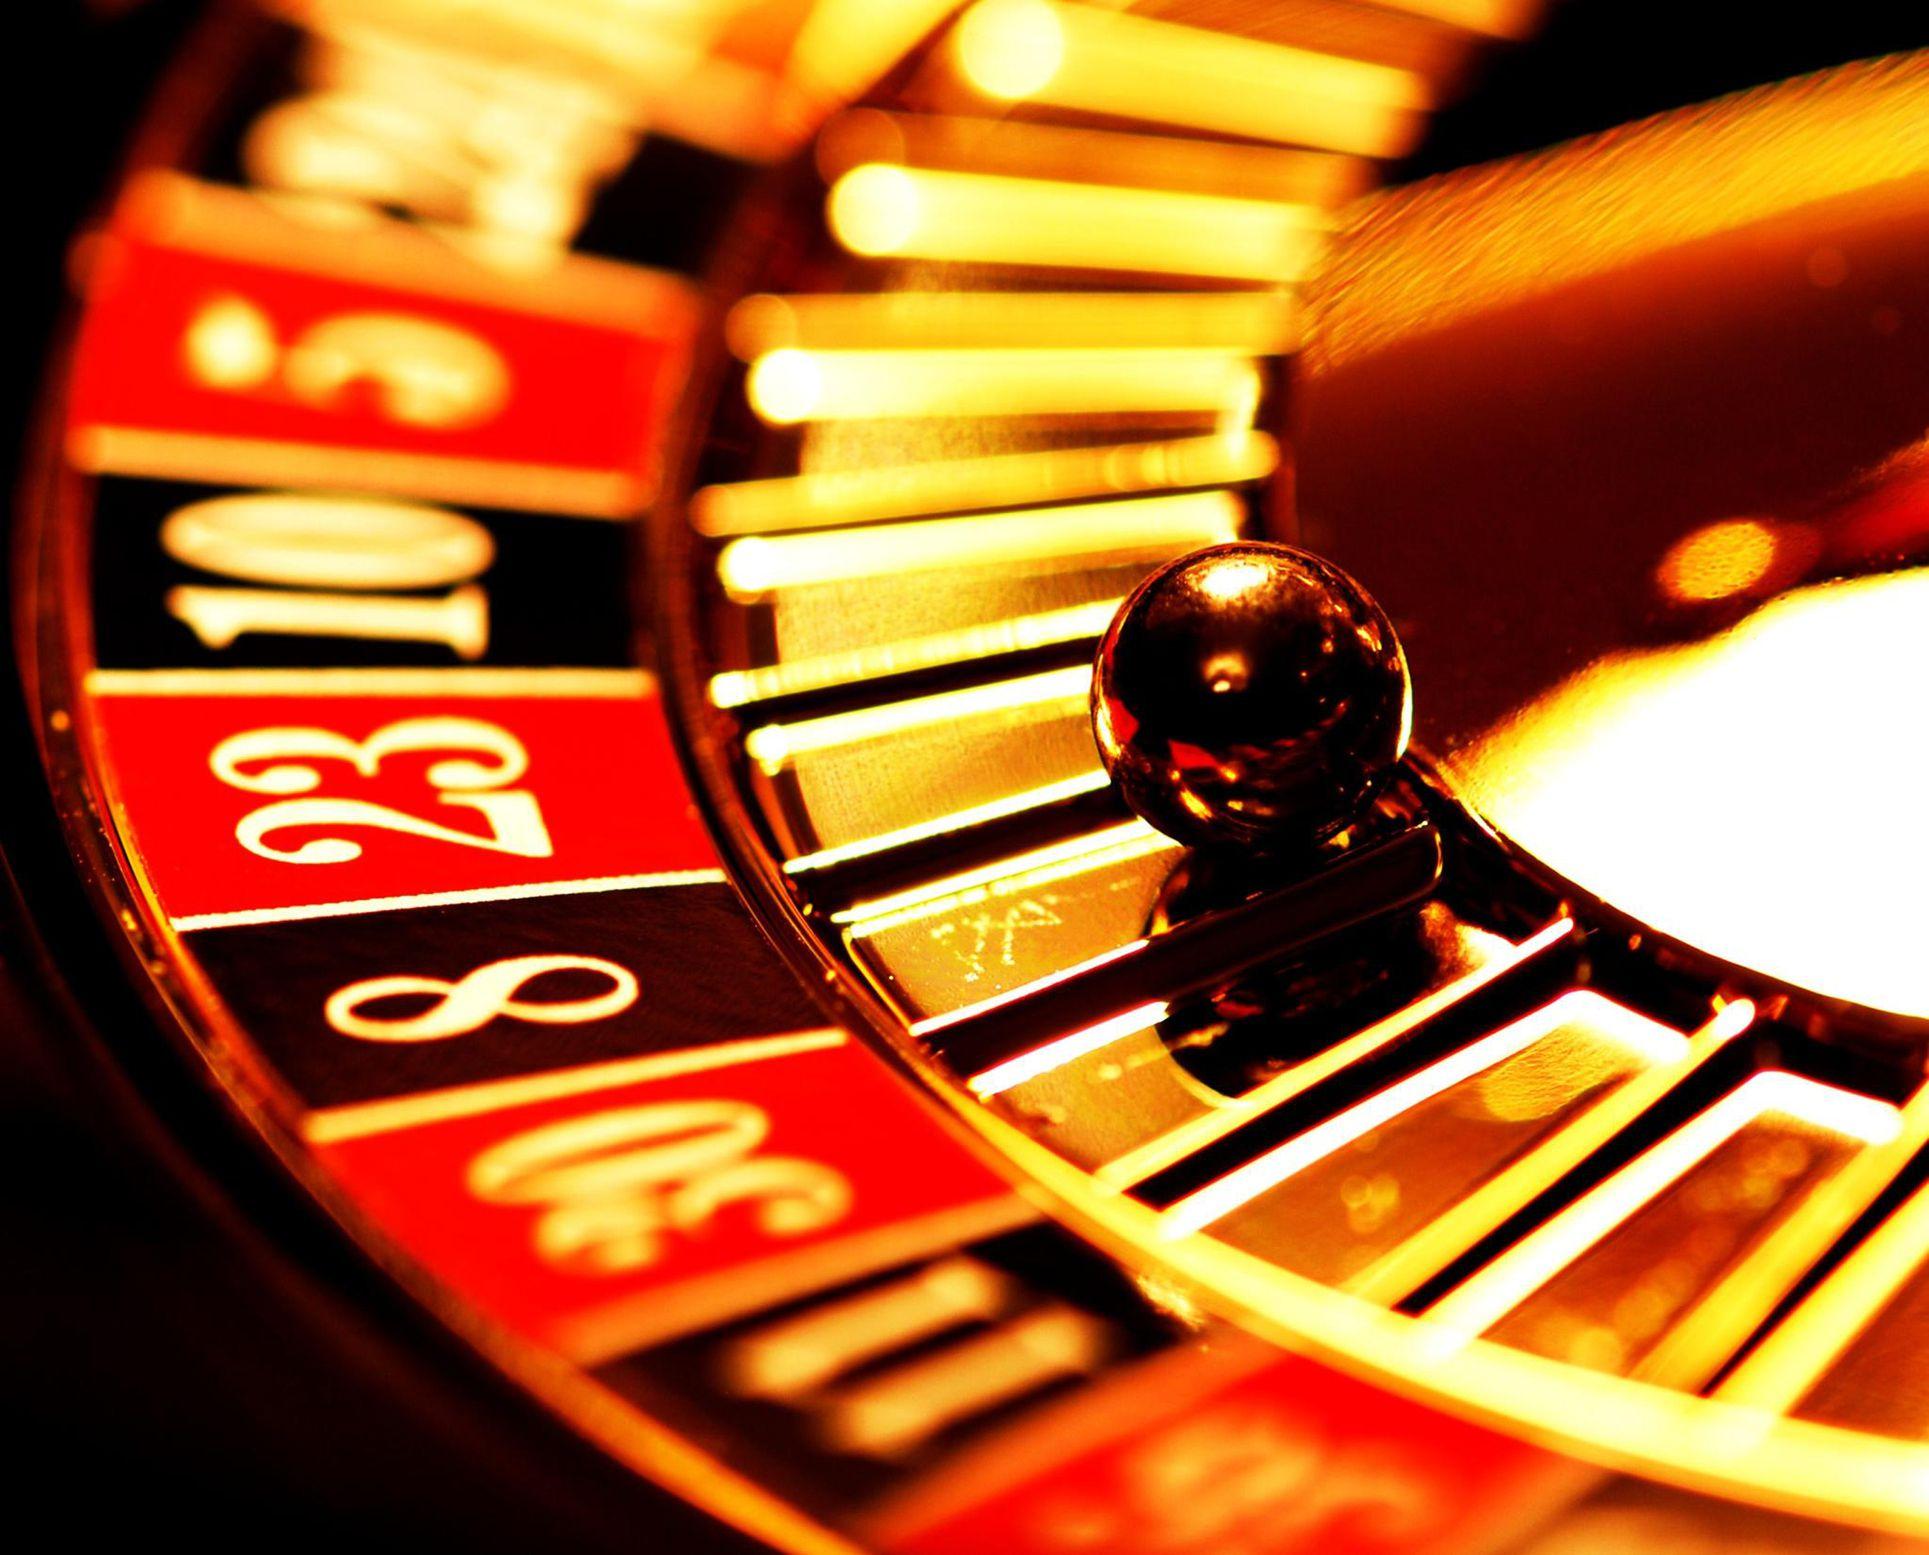 best casino card game odds